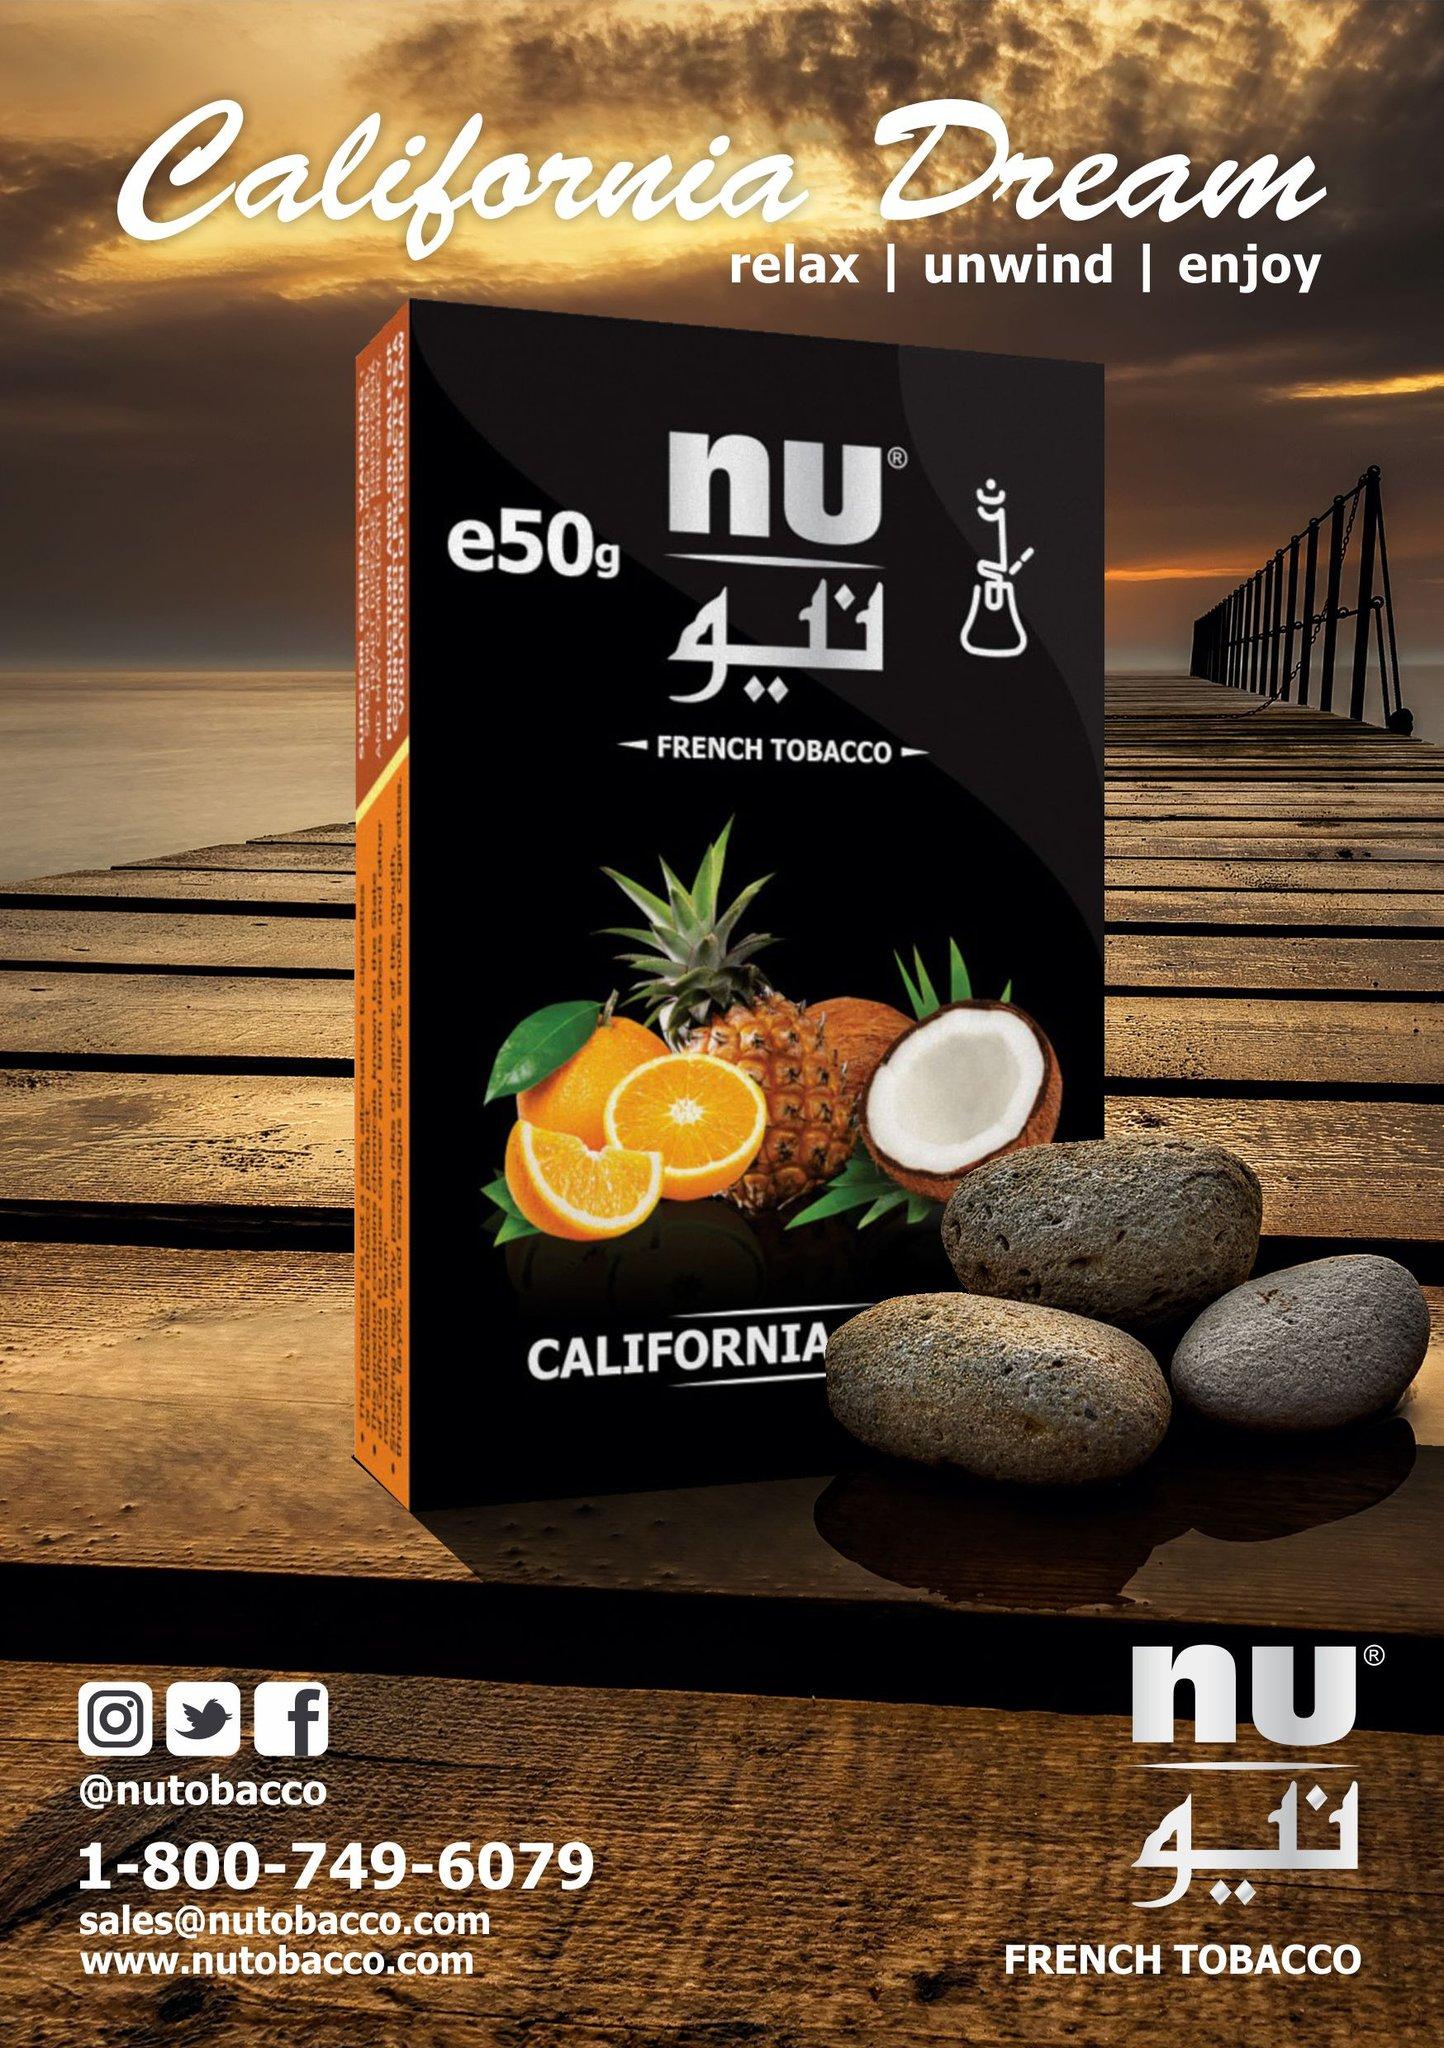 Nu Hookah / California Dream(オレンジとパインアップルとココナッツのMix、美味しい)